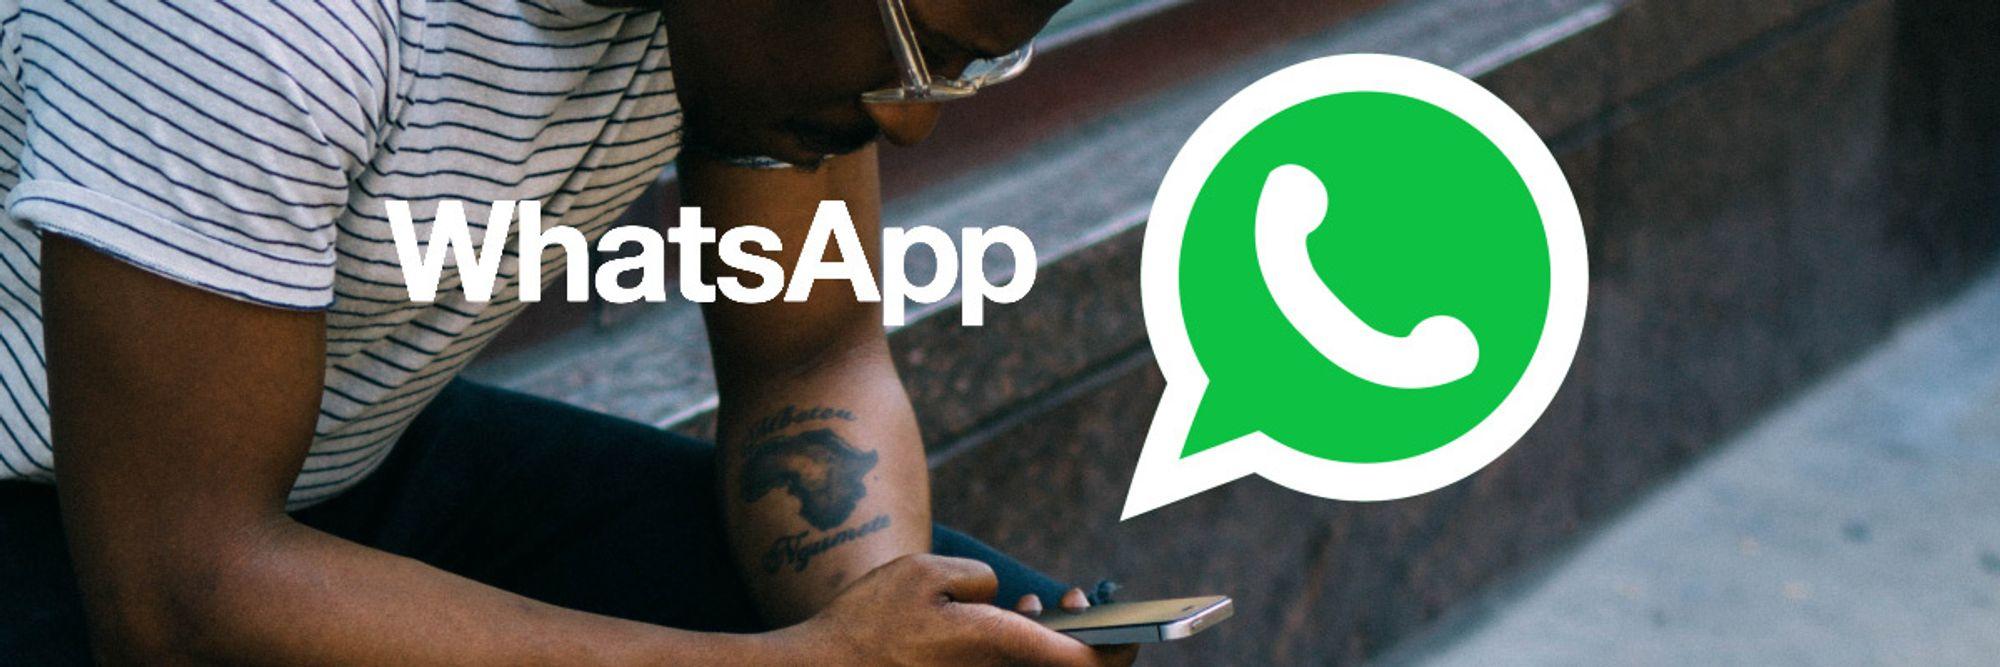 Bedrägeri på WhatsApp